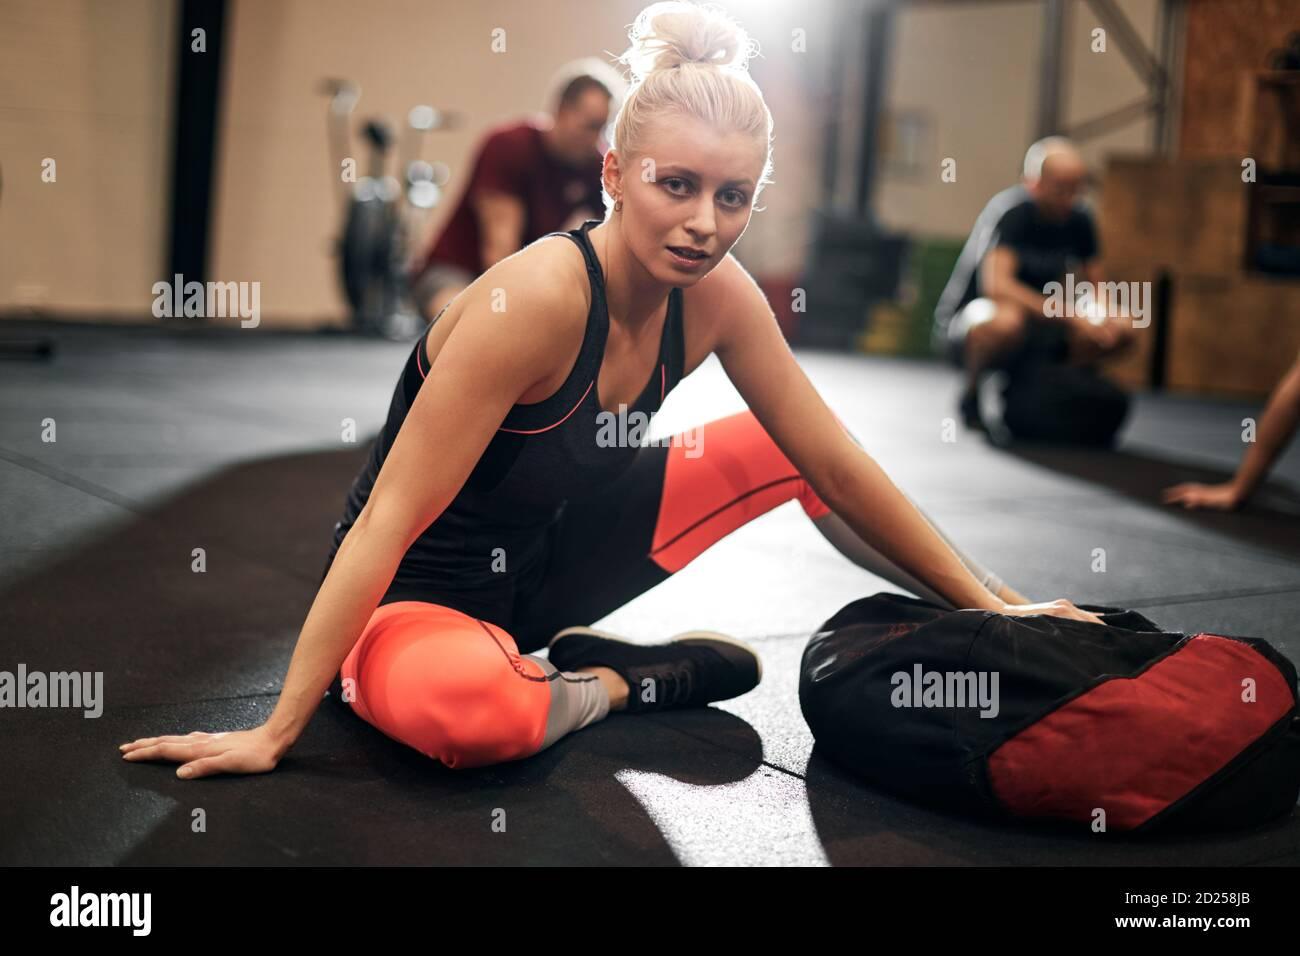 Mettre en forme une jeune femme dans des vêtements de sport assis sur un sol de salle de sport après un cours d'exercice avec un sac de poids Banque D'Images